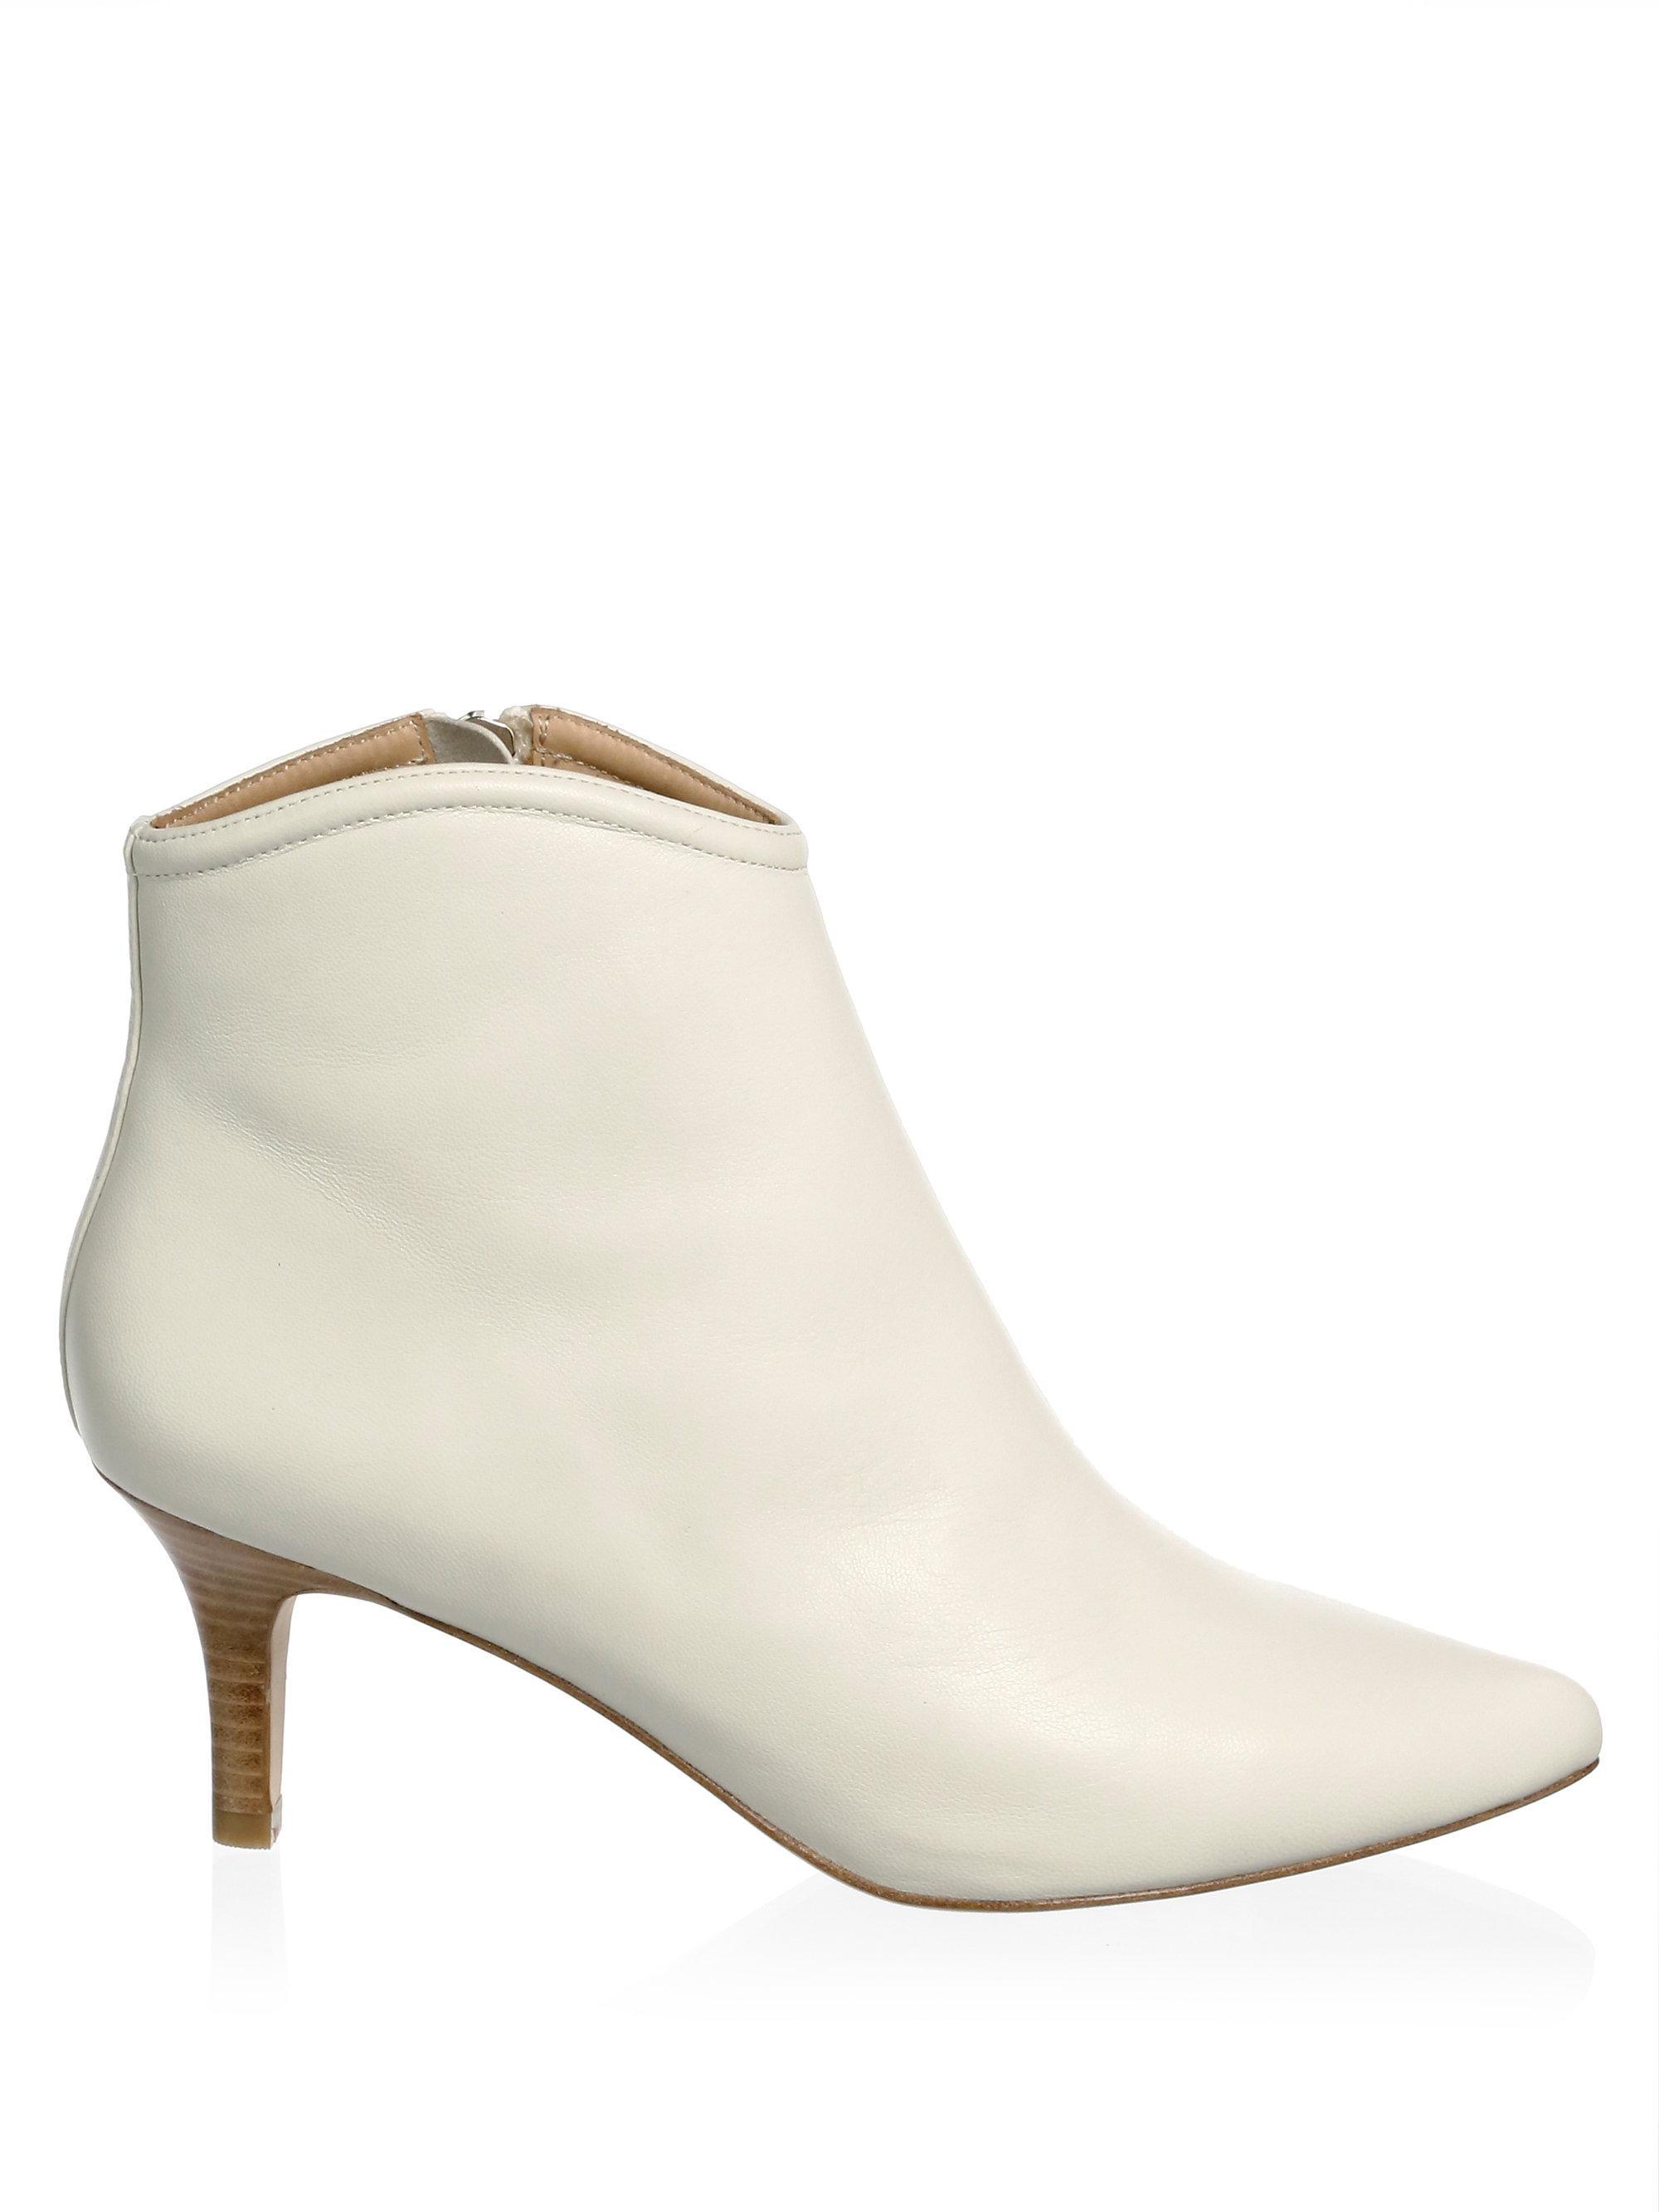 Joie Ralean Leather Booties tGFvoj6iC6